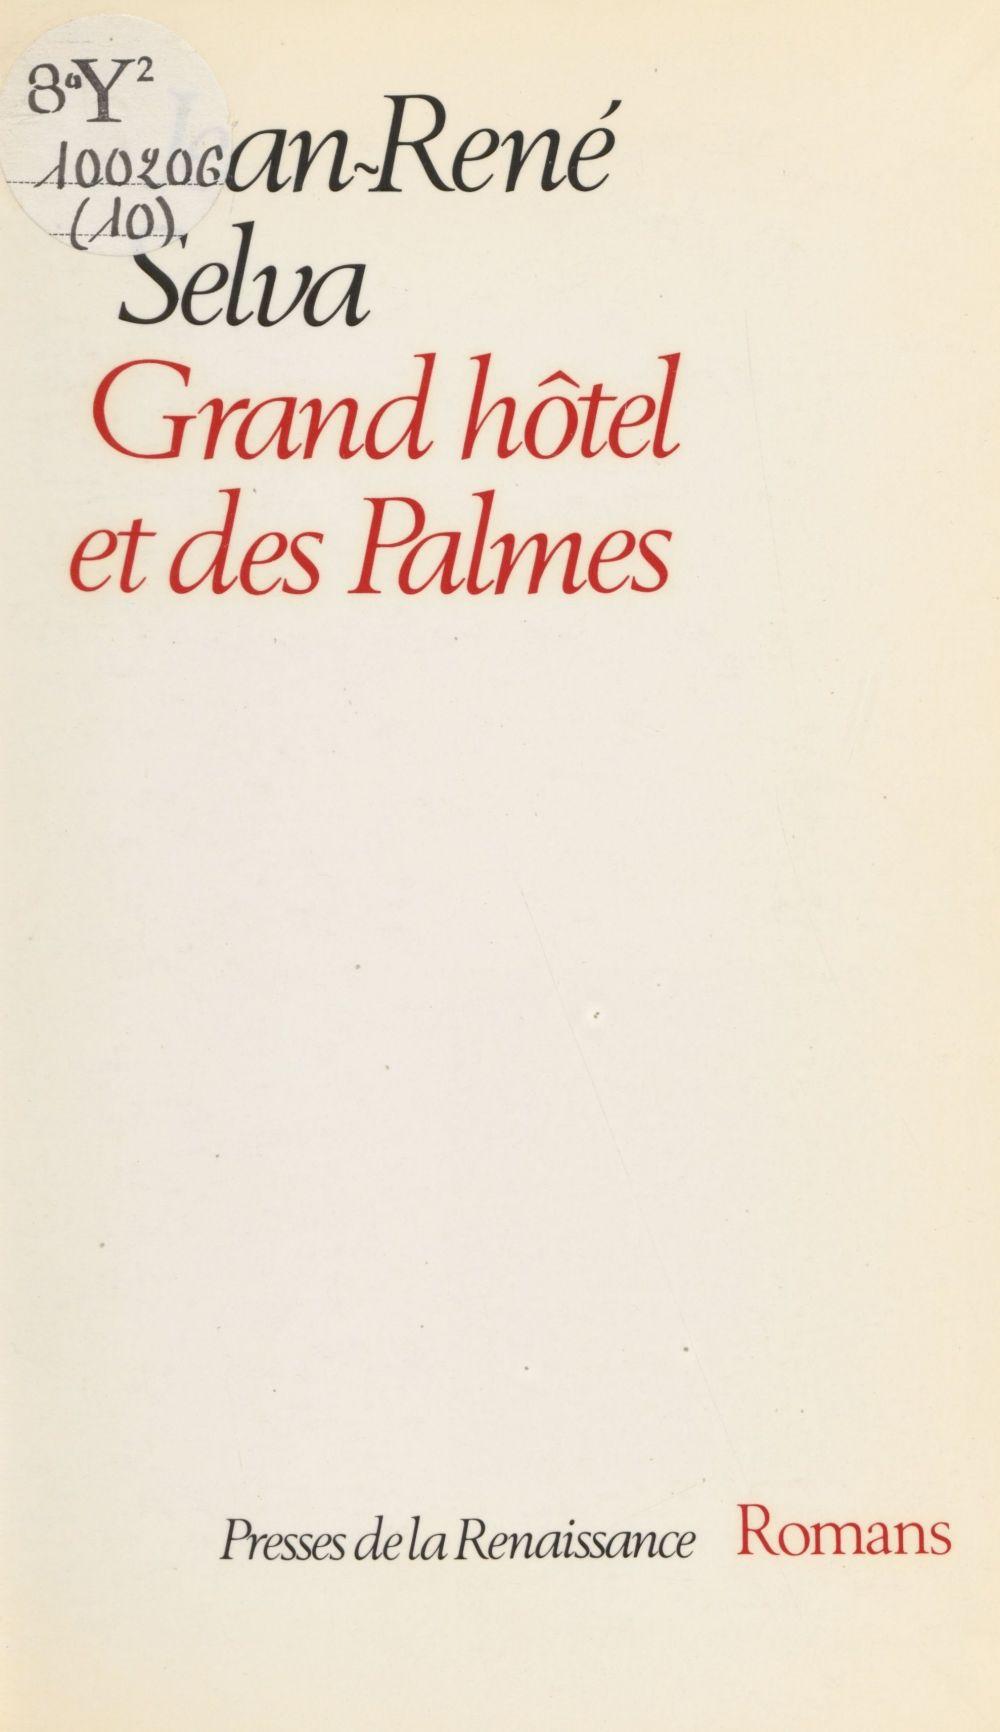 Grand hôtel et des Palmes